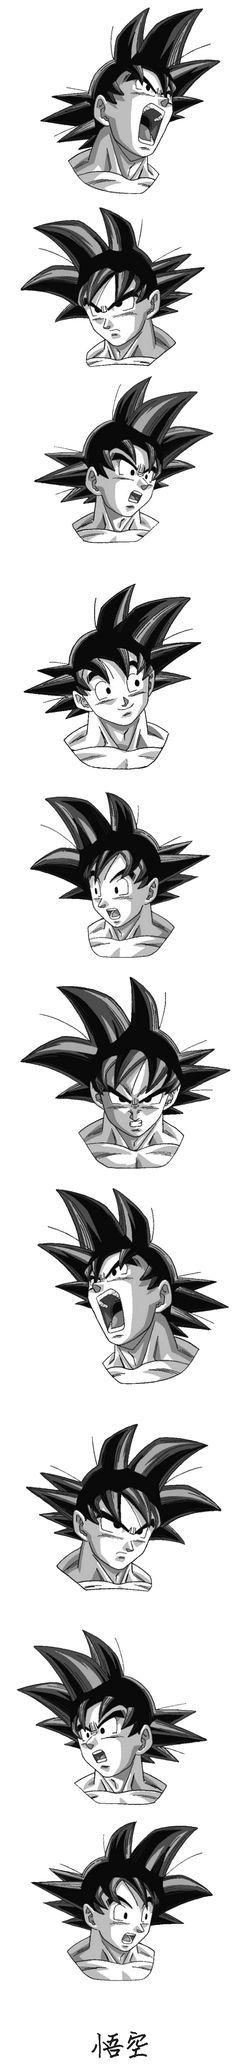 """Como desenhar Goku - Dragon Ball Z.  É possível desenhar o seu Personagem Favorito de Anime quando você quiser, mesmo que você não tenha nascido com o """"dom de desenhar"""". Clique no link e conheça o curso."""